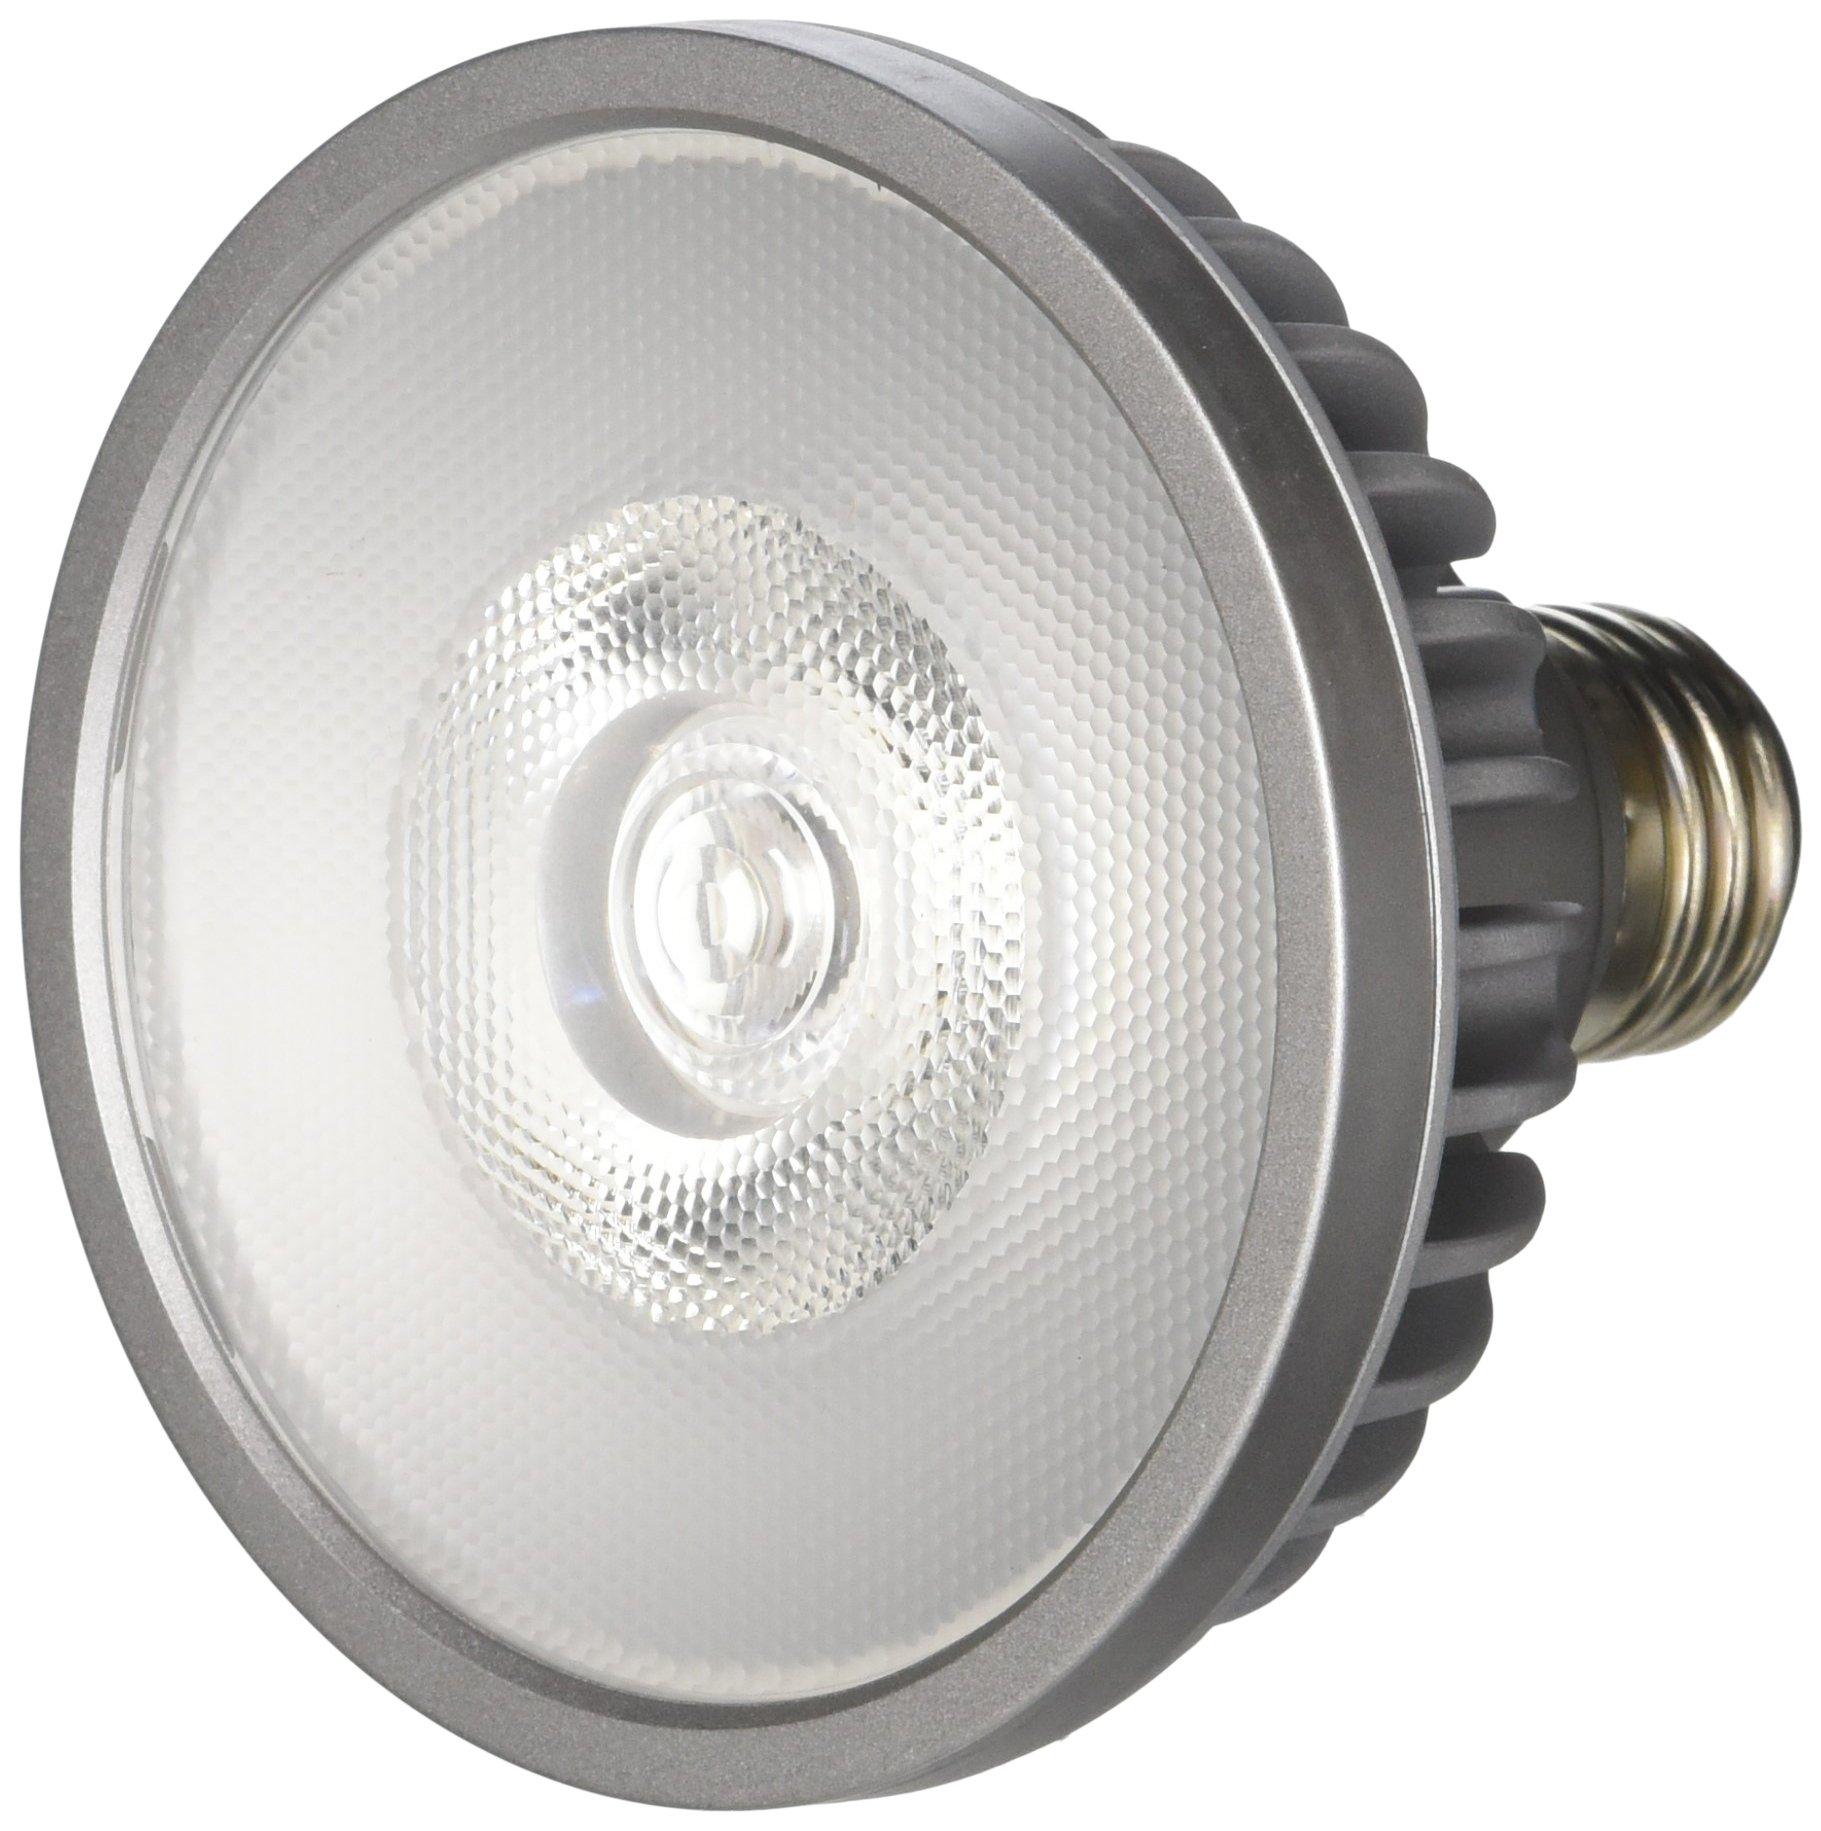 Bulbrite SP30S-18-25D-830-03 SORAA 18.5W LED PAR30S 3000K PREM. 25° Dimmable Light Bulb, Silver